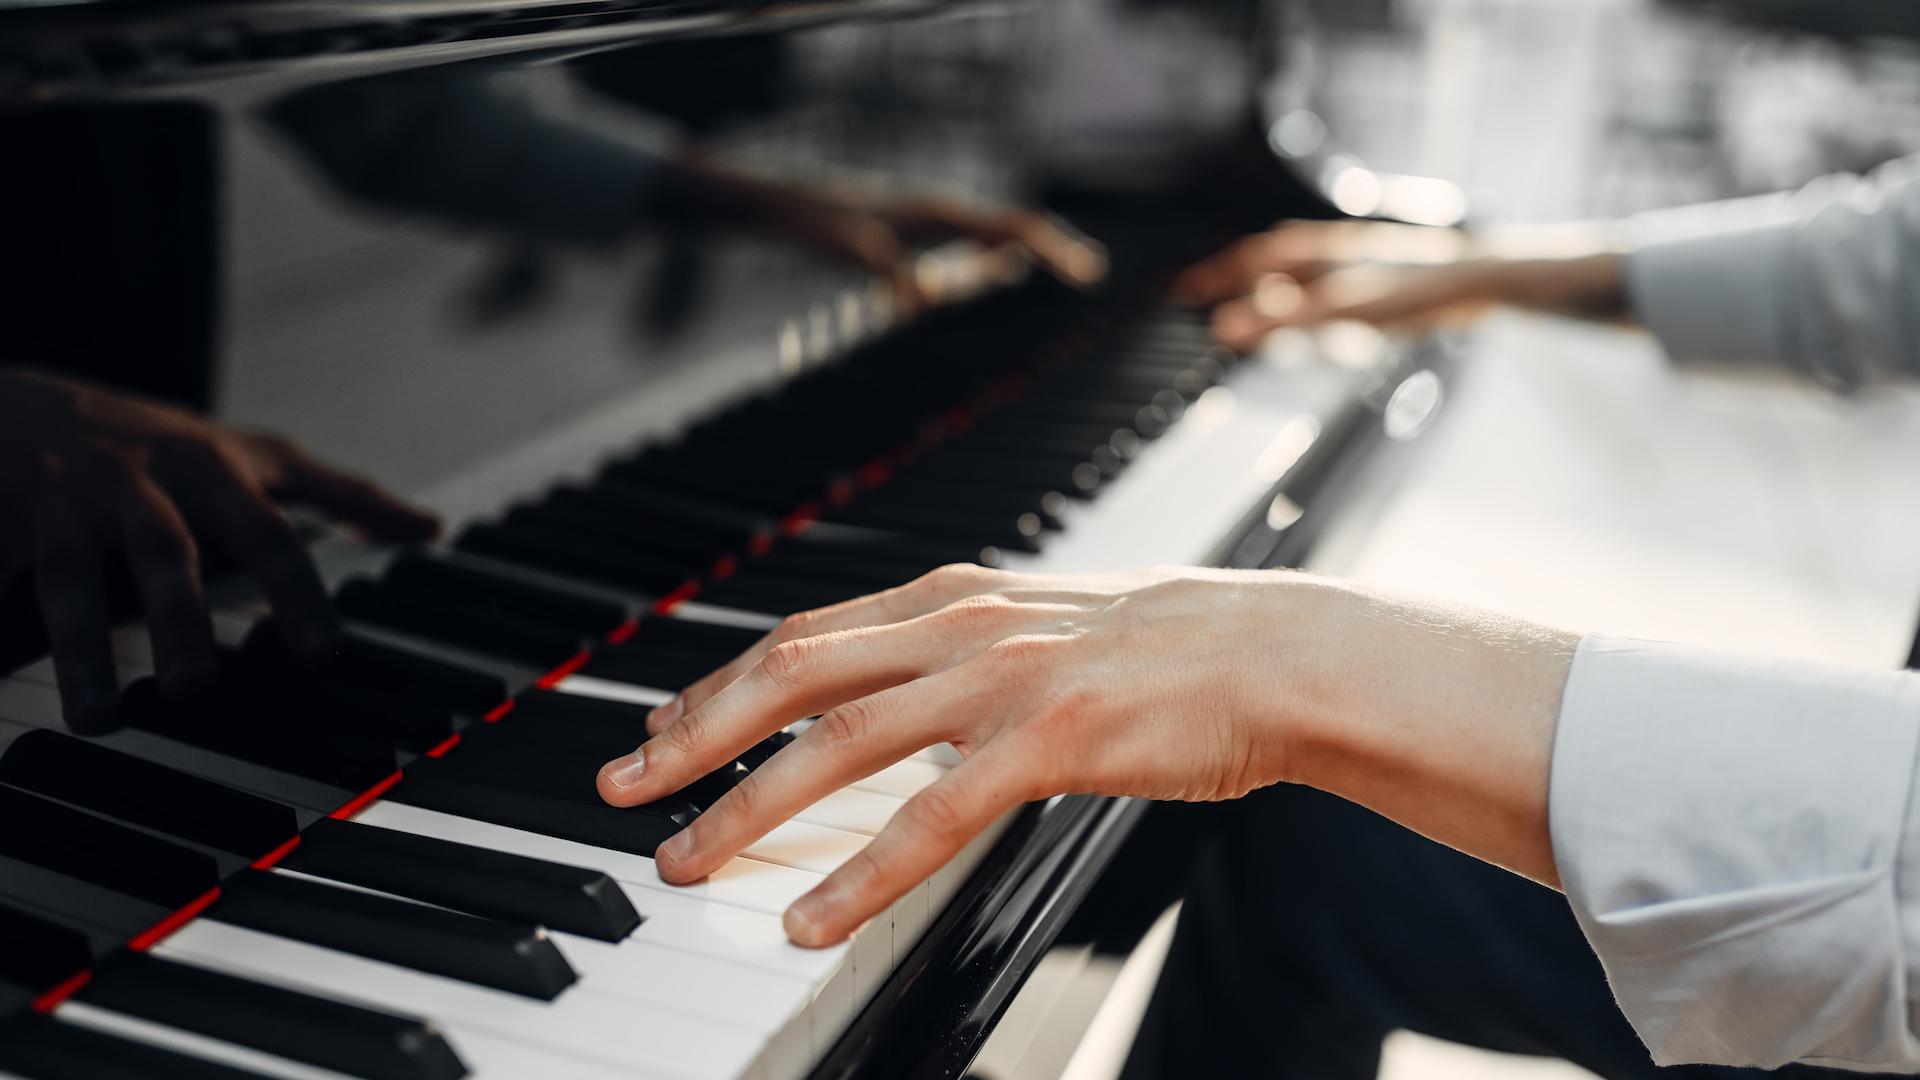 Plano detalle de las manos de un pianista interpretando una pieza musical